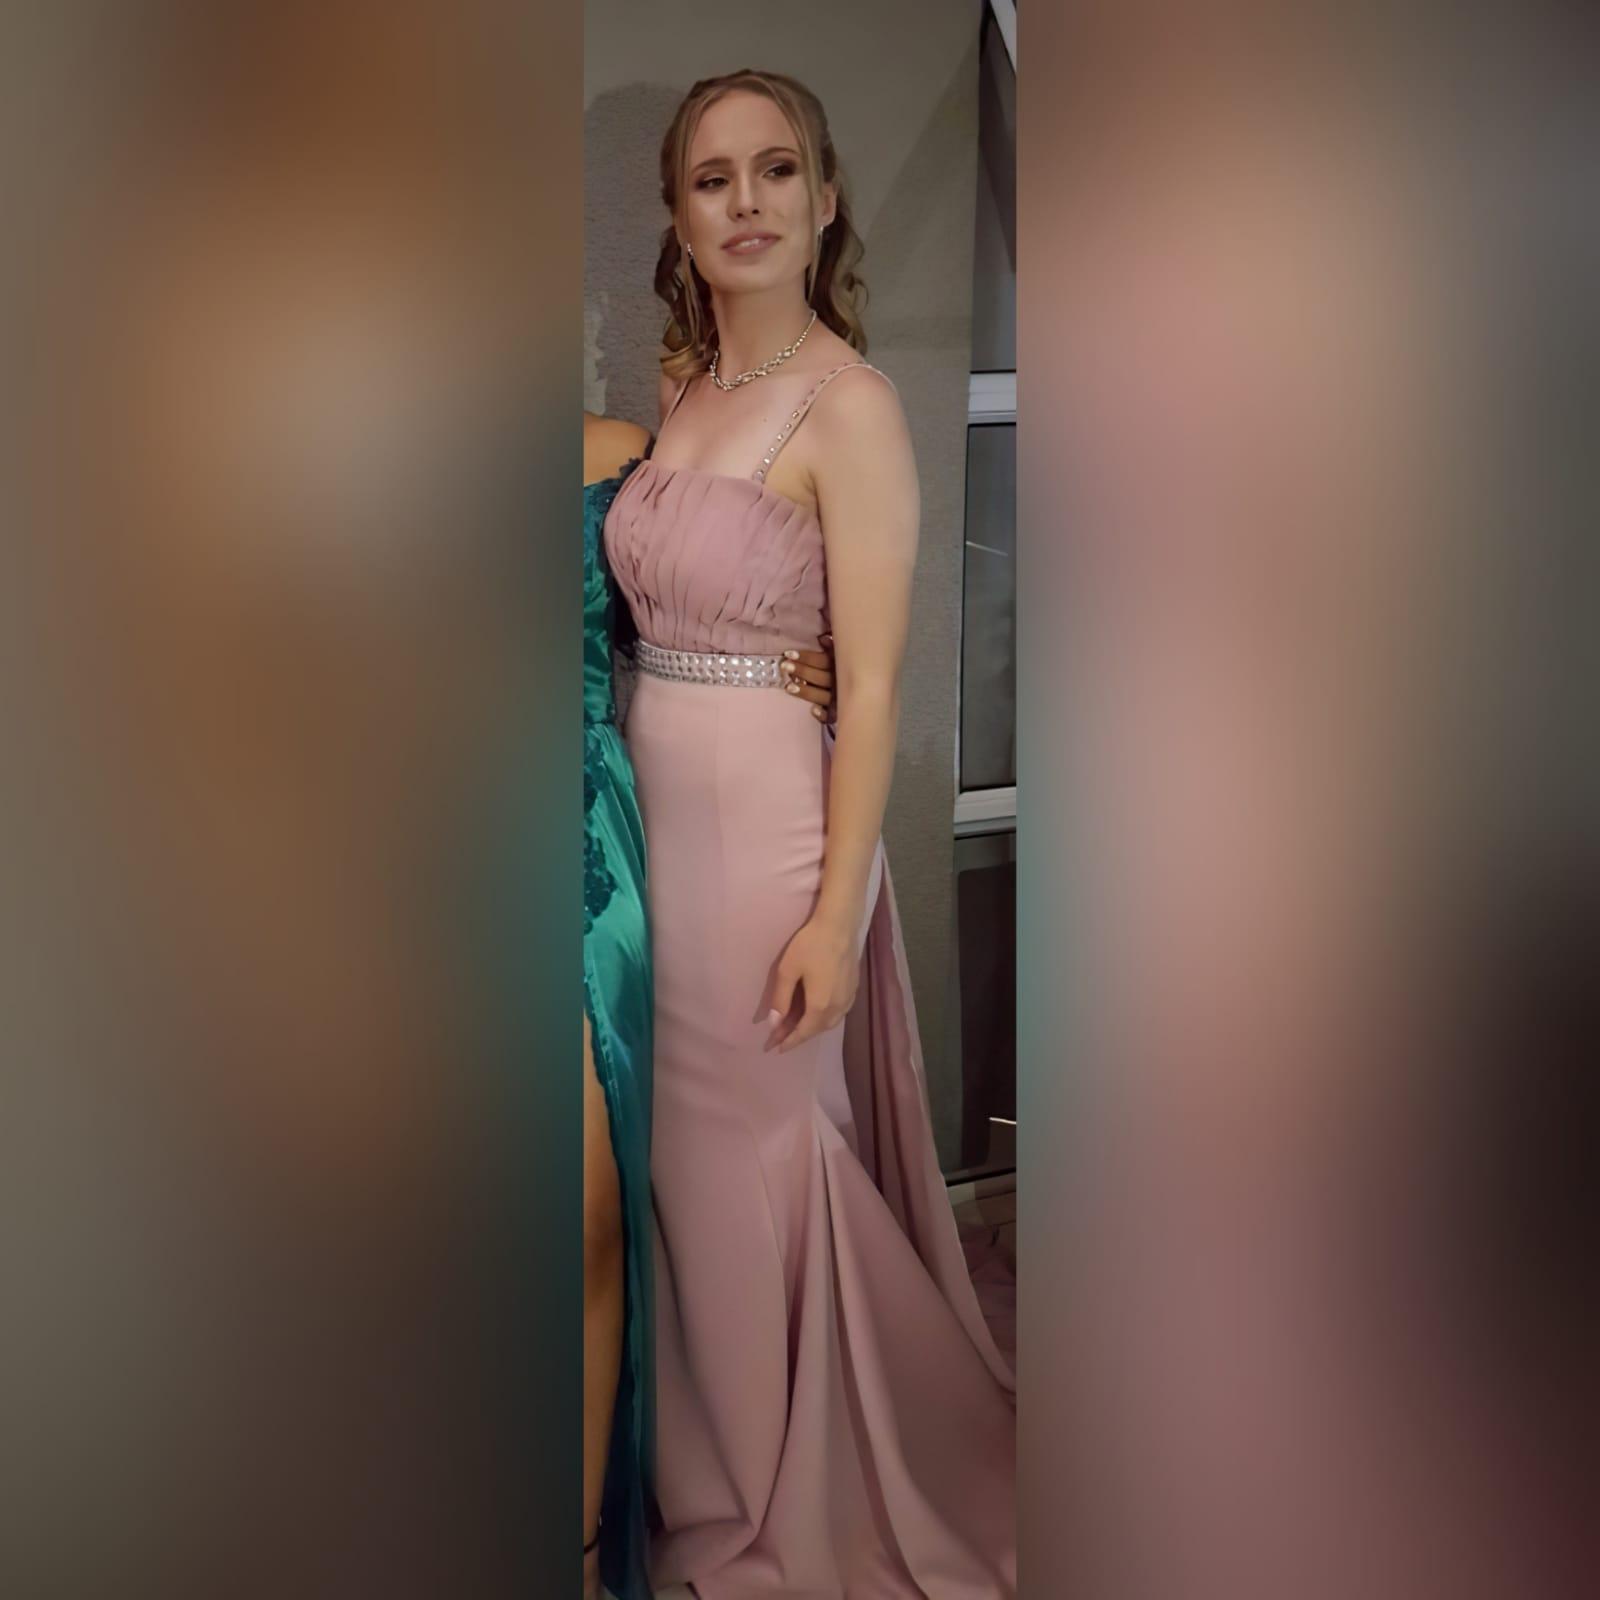 Vestido de gala rosa velho 1 vestido de gala rosa velho, sereia suave com um corpete plissado, com uma cauda. Cauda de chifon extra destacável com cinto de contas e alças removíveis